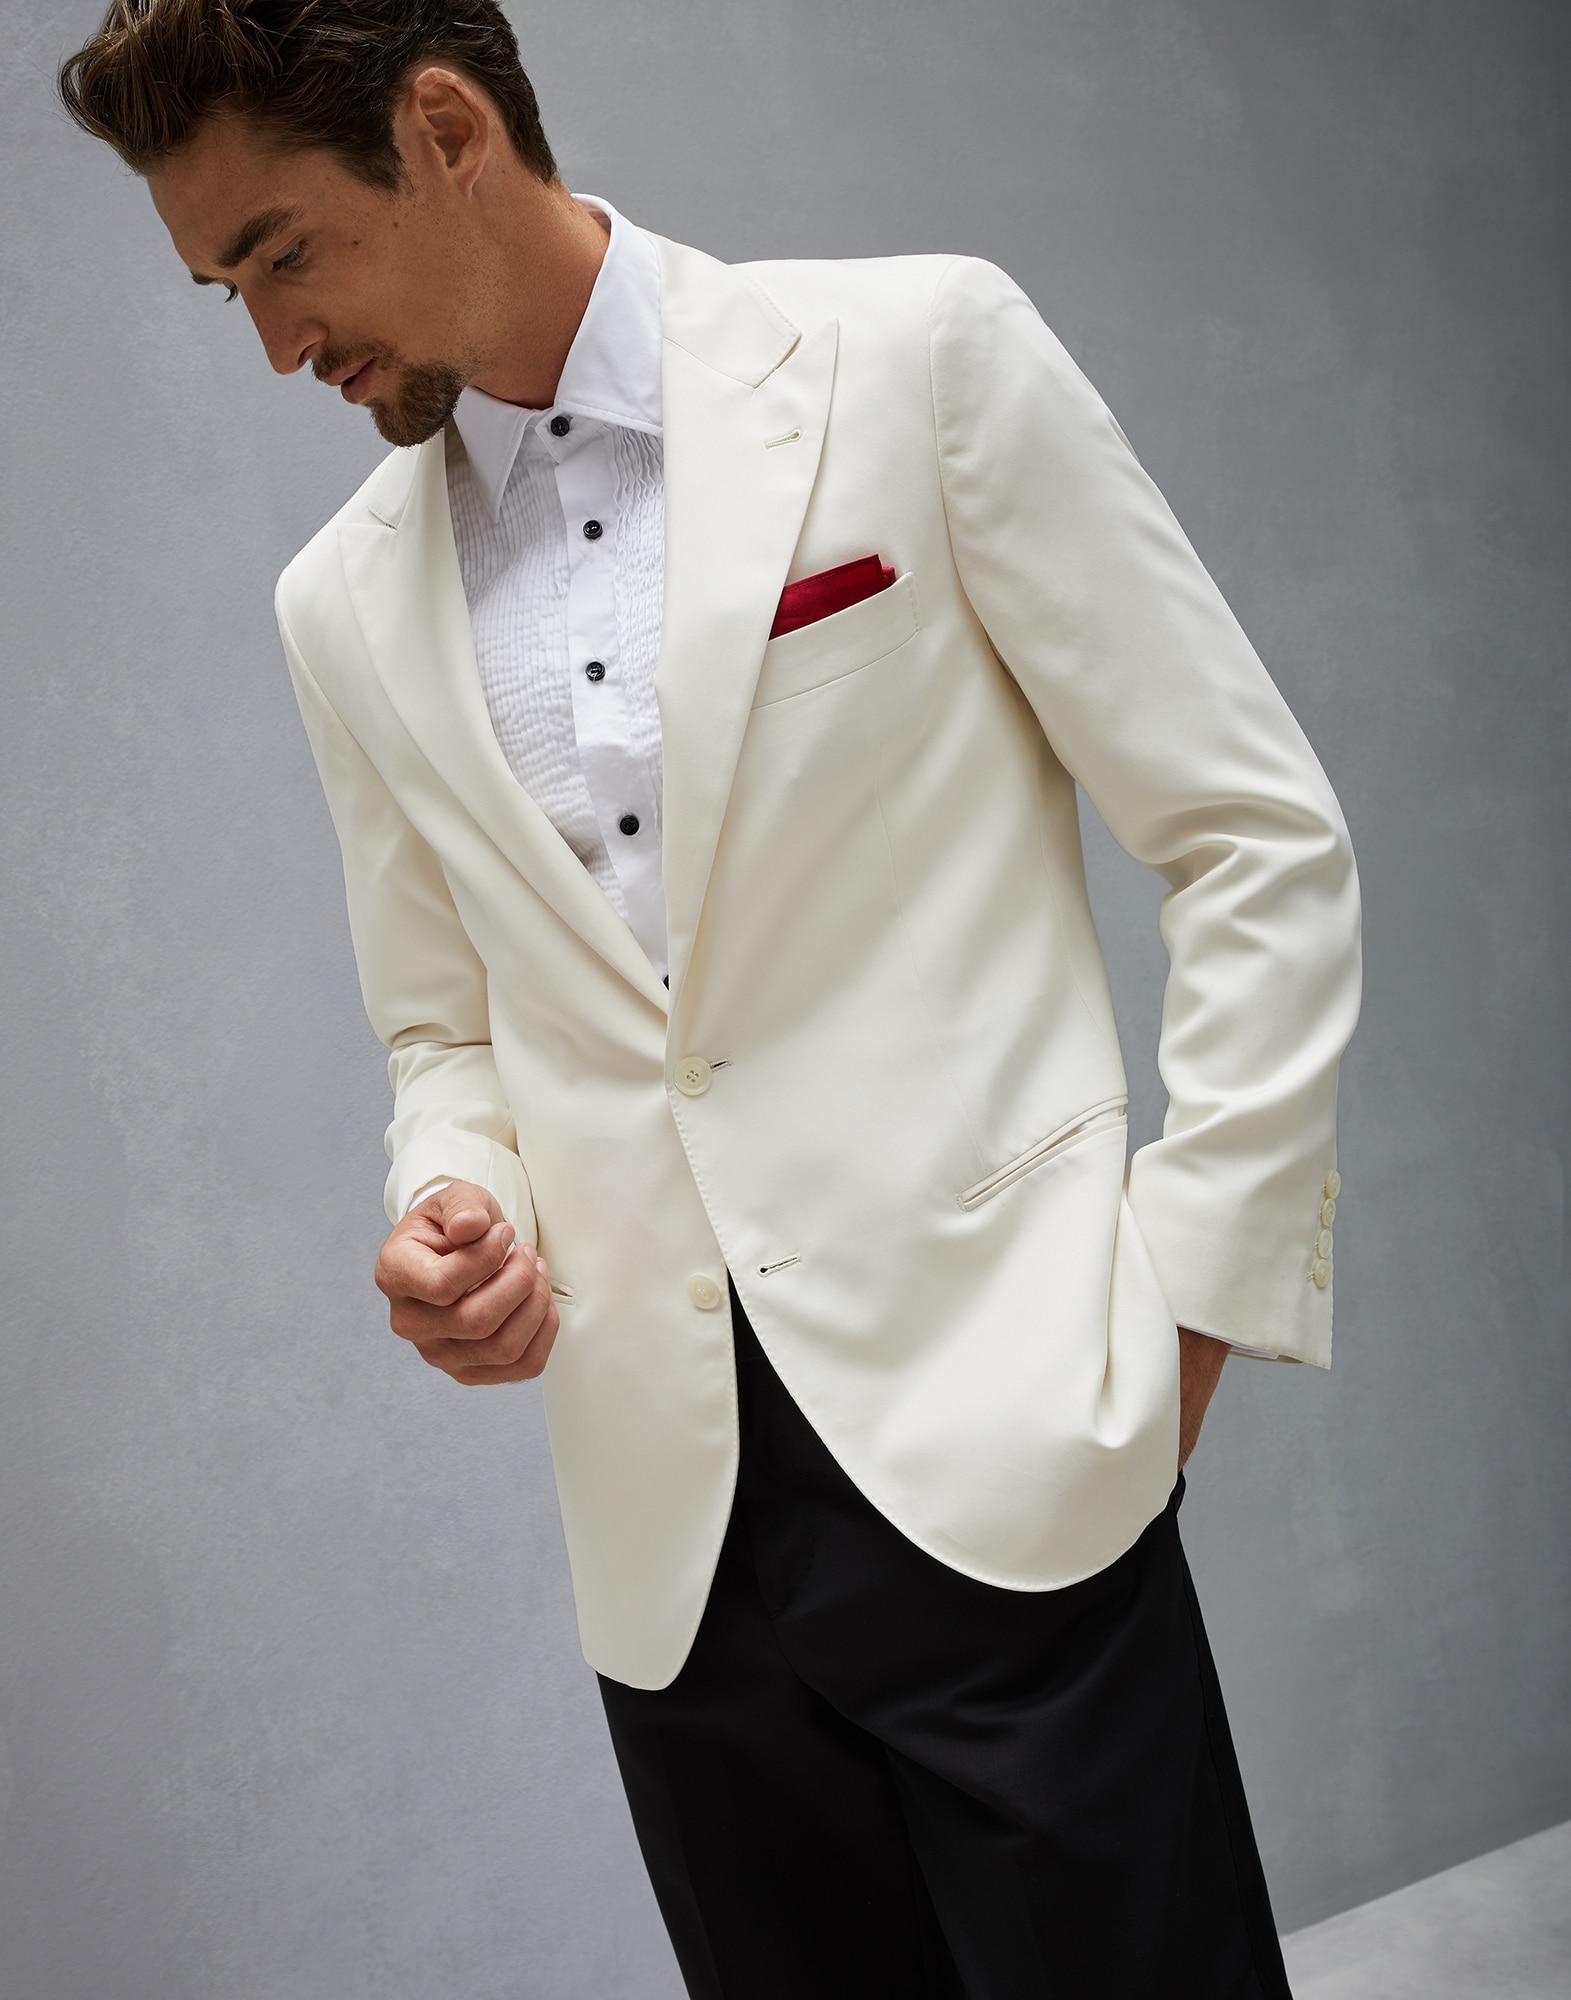 e92e871b15ff26 Tuxedo Jacket (182MD424GS06) - Man Men's Suits Brunello Cucinelli